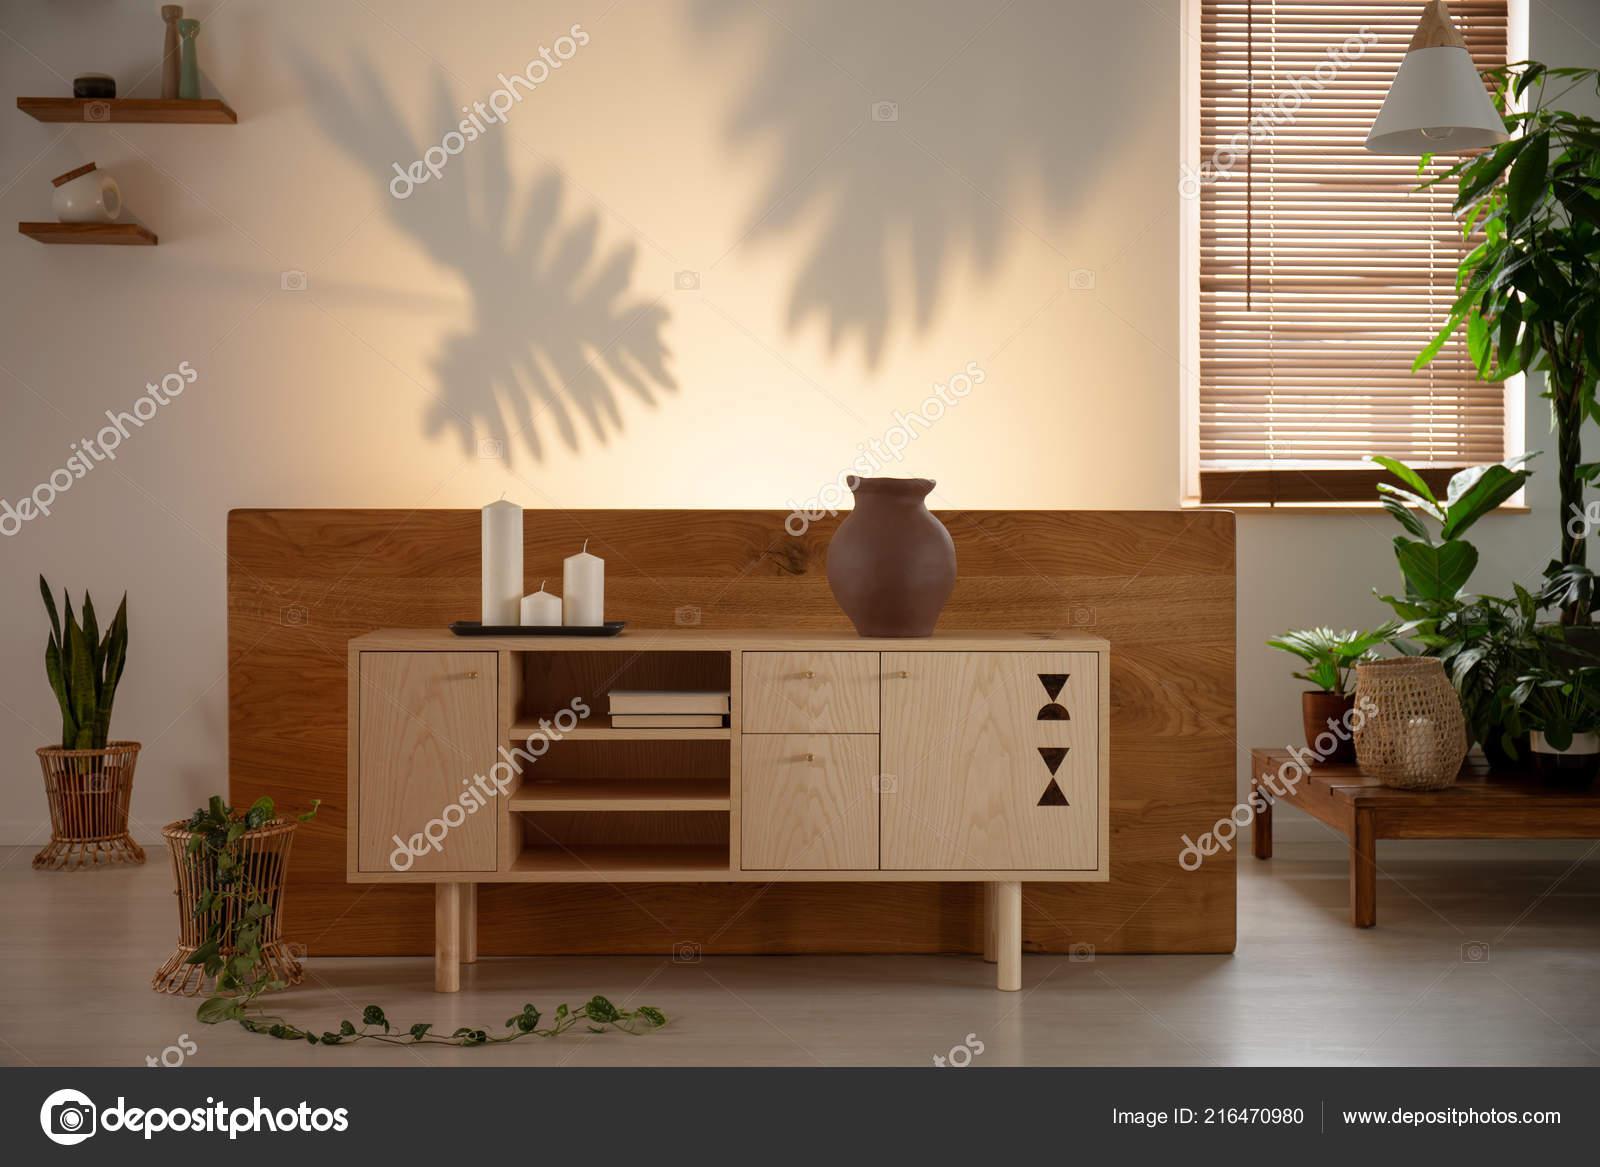 Kerzen Auf Holzschrank Und Pflanzen Wohnzimmer Interieur Mit ...